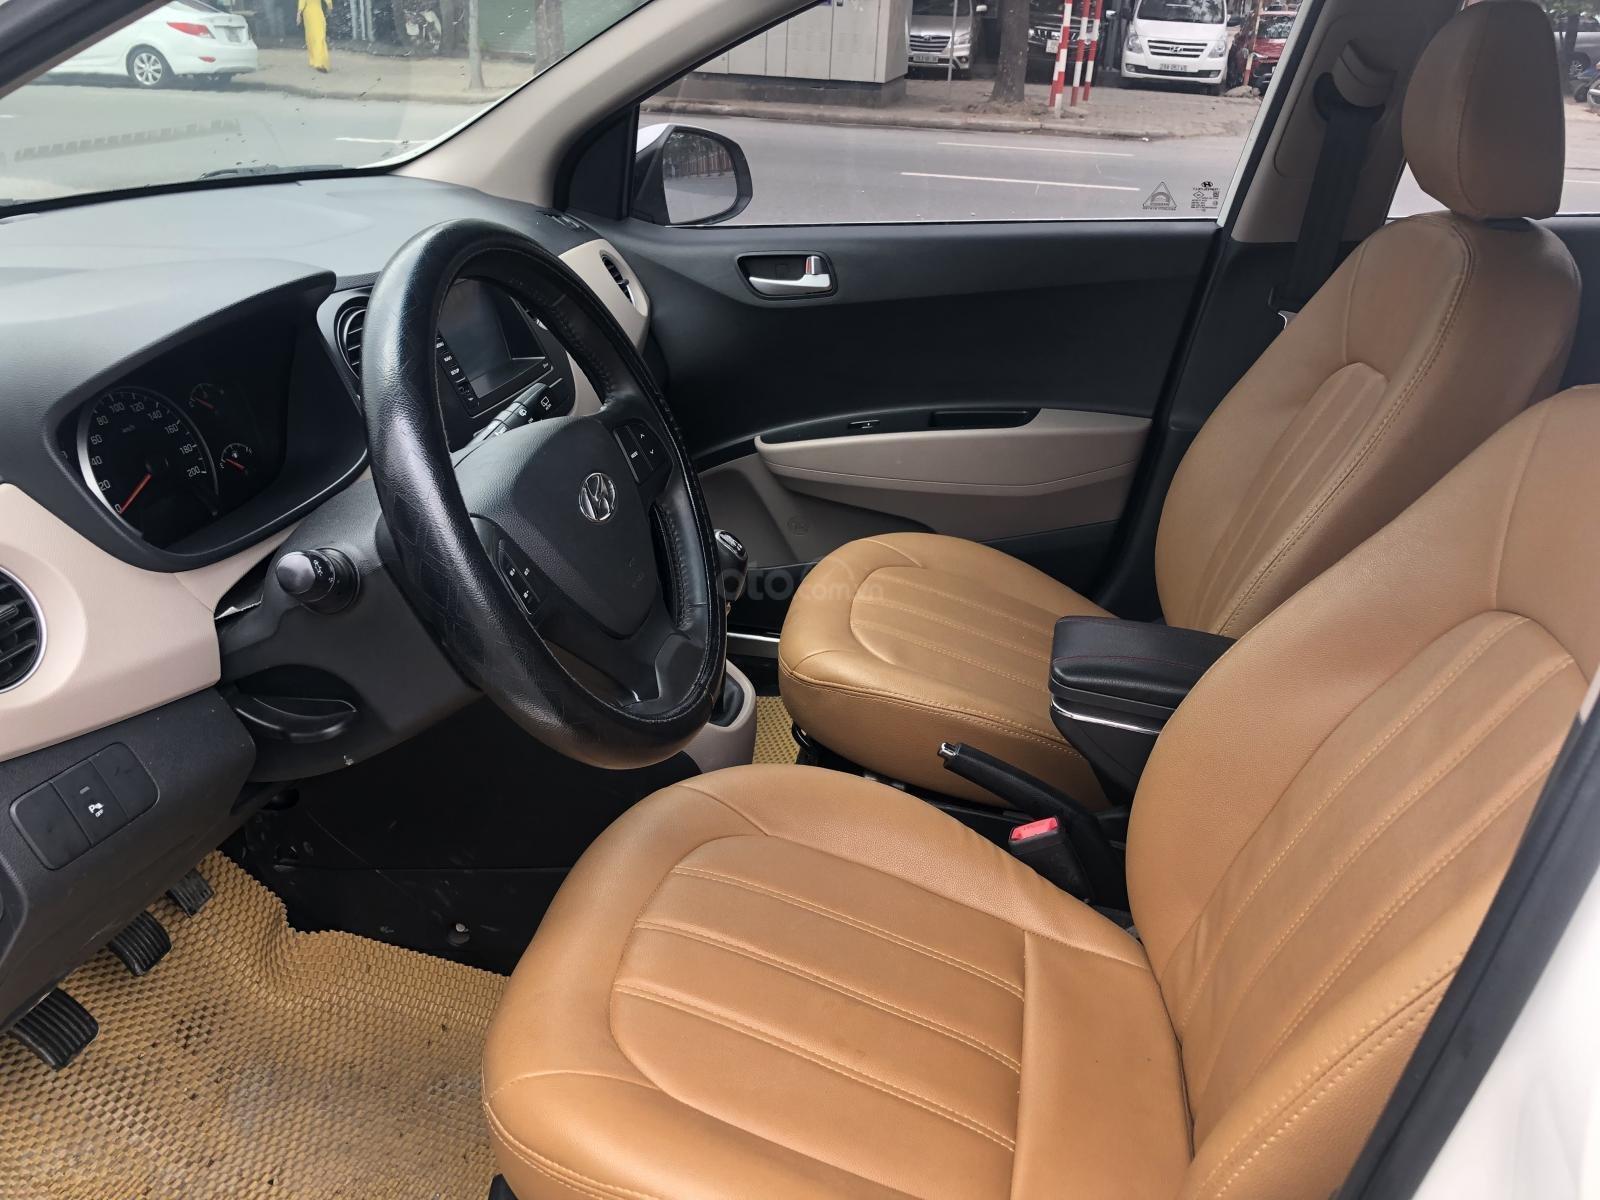 Cần bán Hyundai Grand i10 năm sản xuất 2016, màu trắng, xe nhập số sàn-8